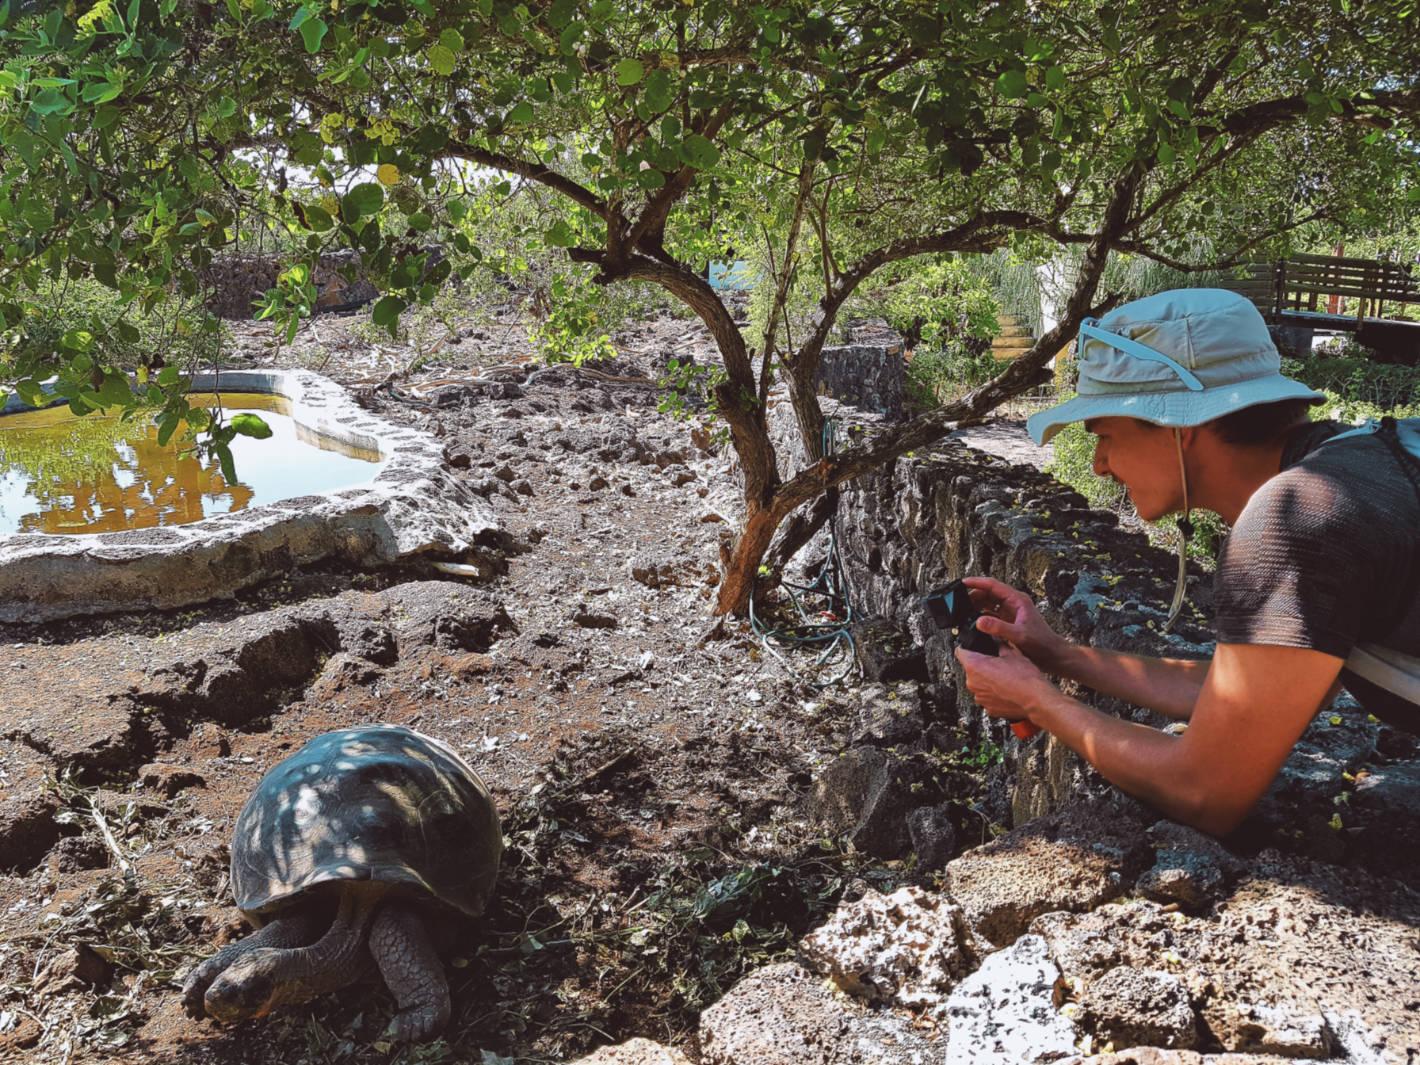 Jak tanio zwiedzić Wyspy Galapagos Darmowe atrakcje nawyspach (4)